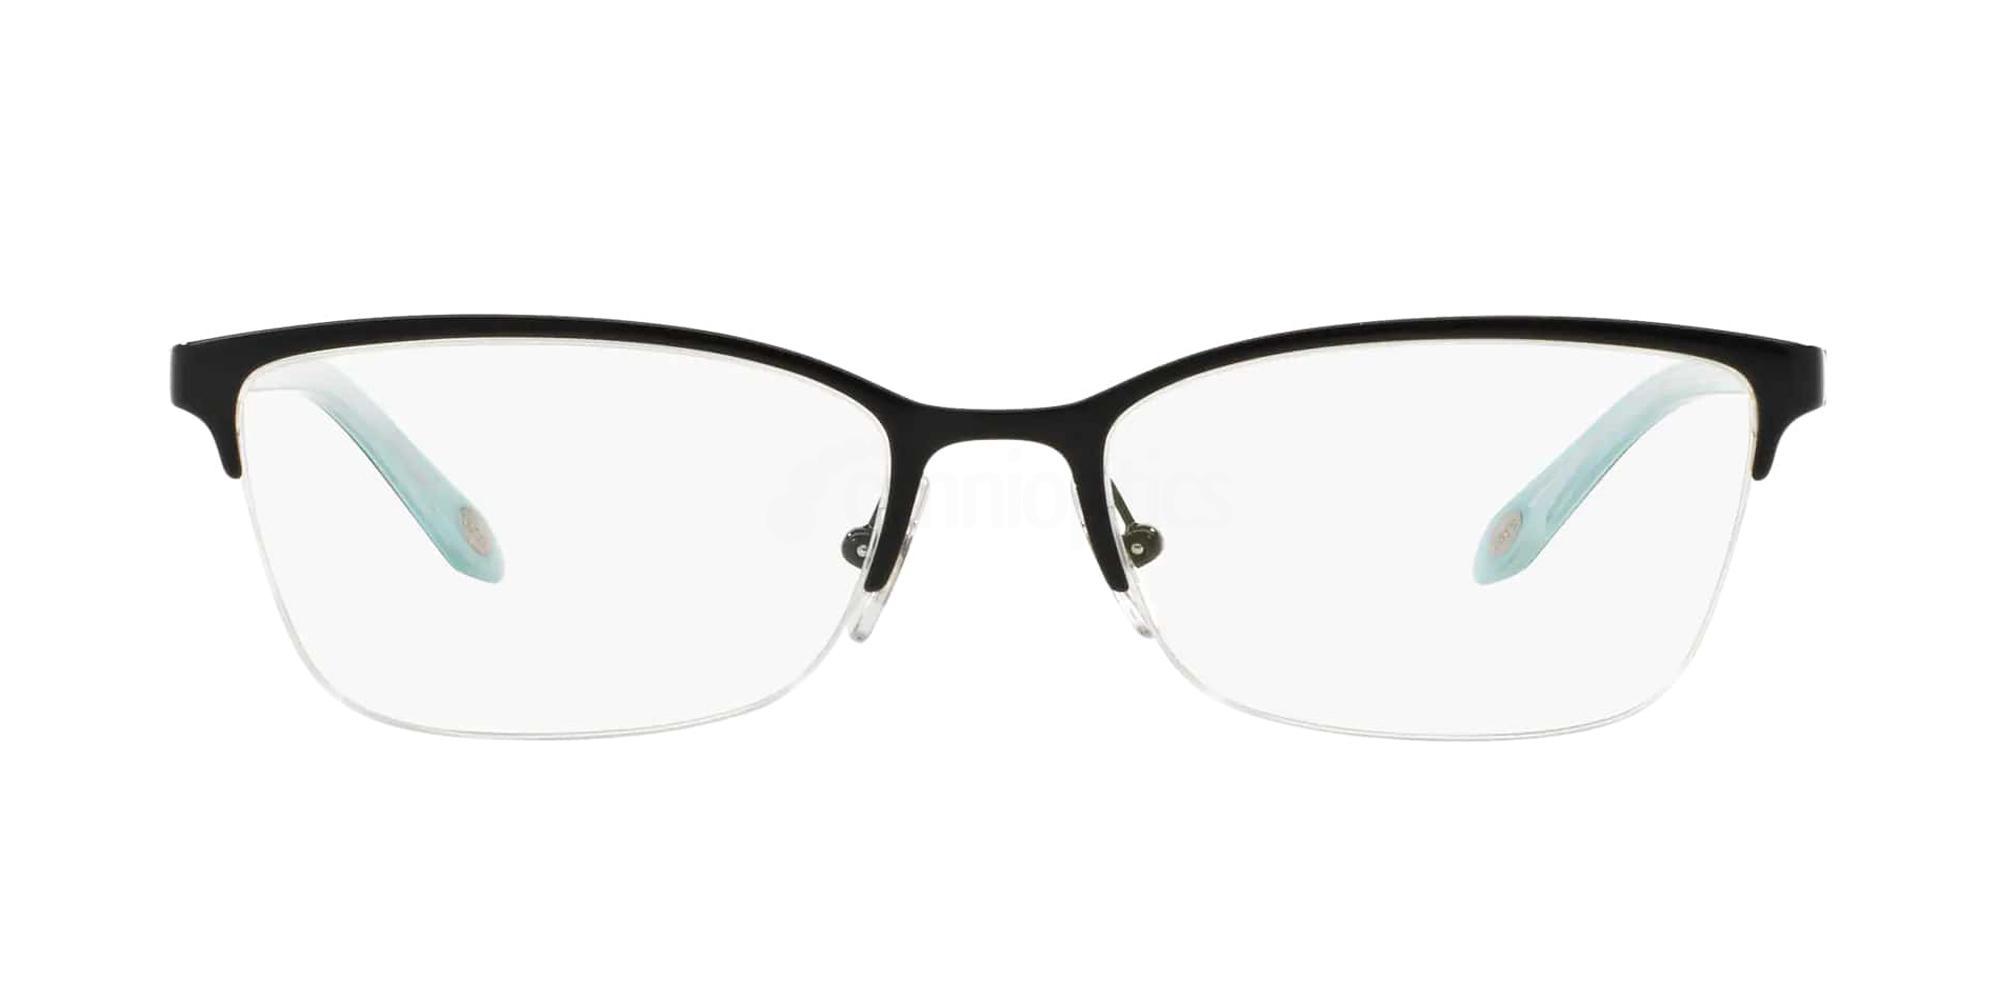 6097 TF1111B Glasses, Tiffany & Co.